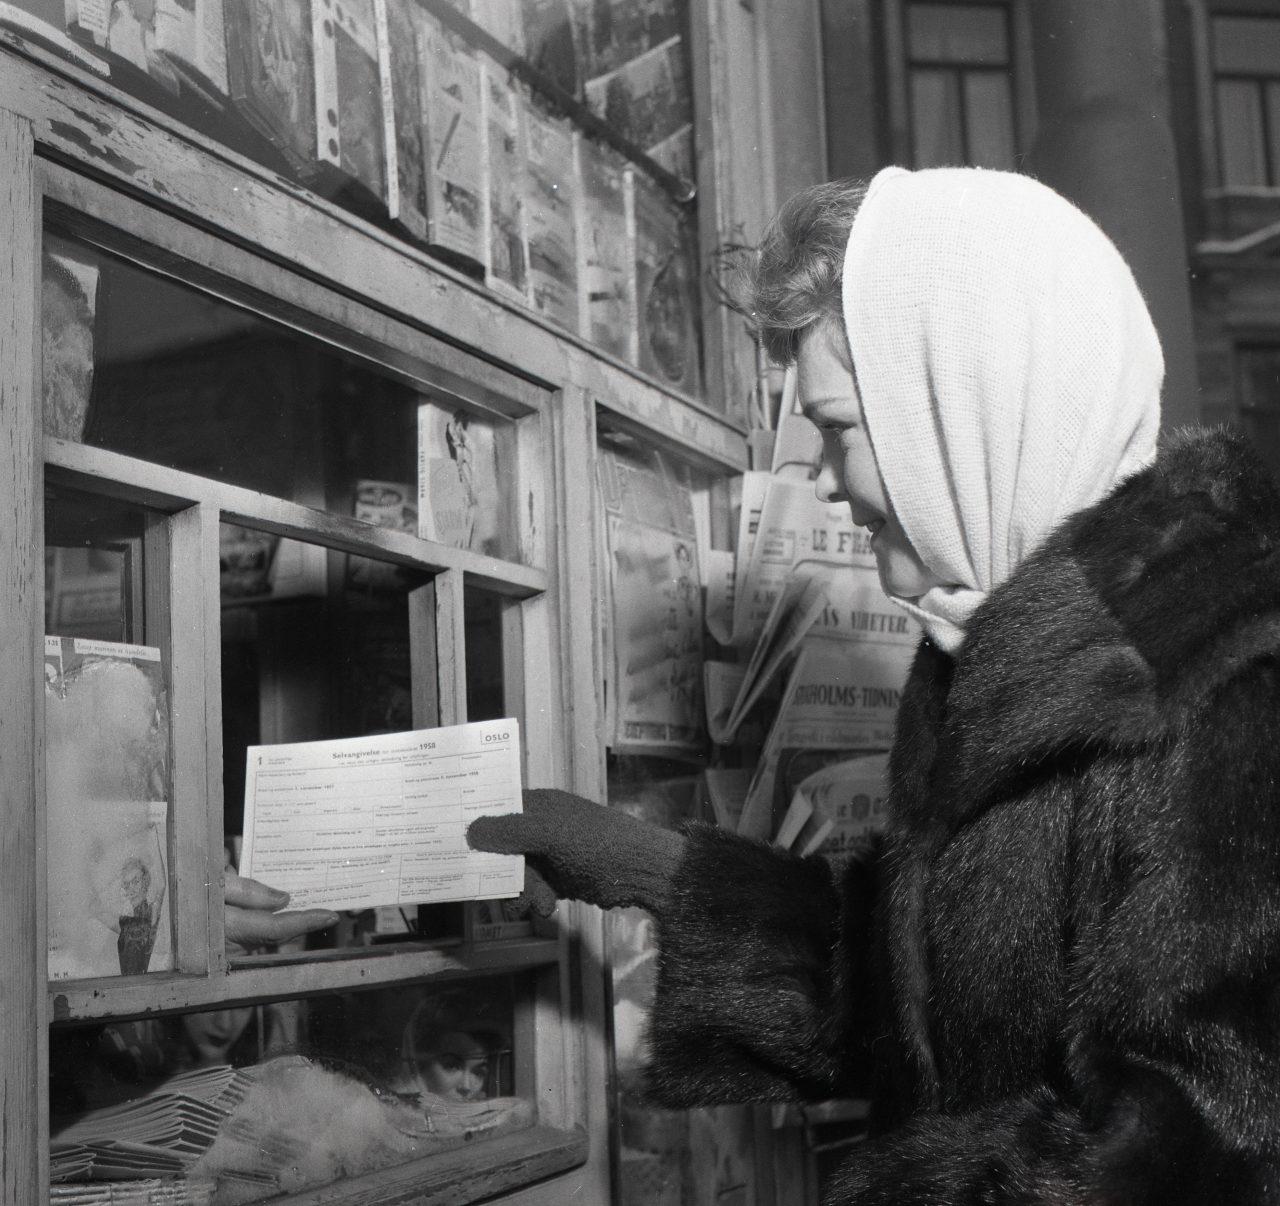 Kvinne som henter selvangivelsesskjema for Oslo 1958 i en kiosk